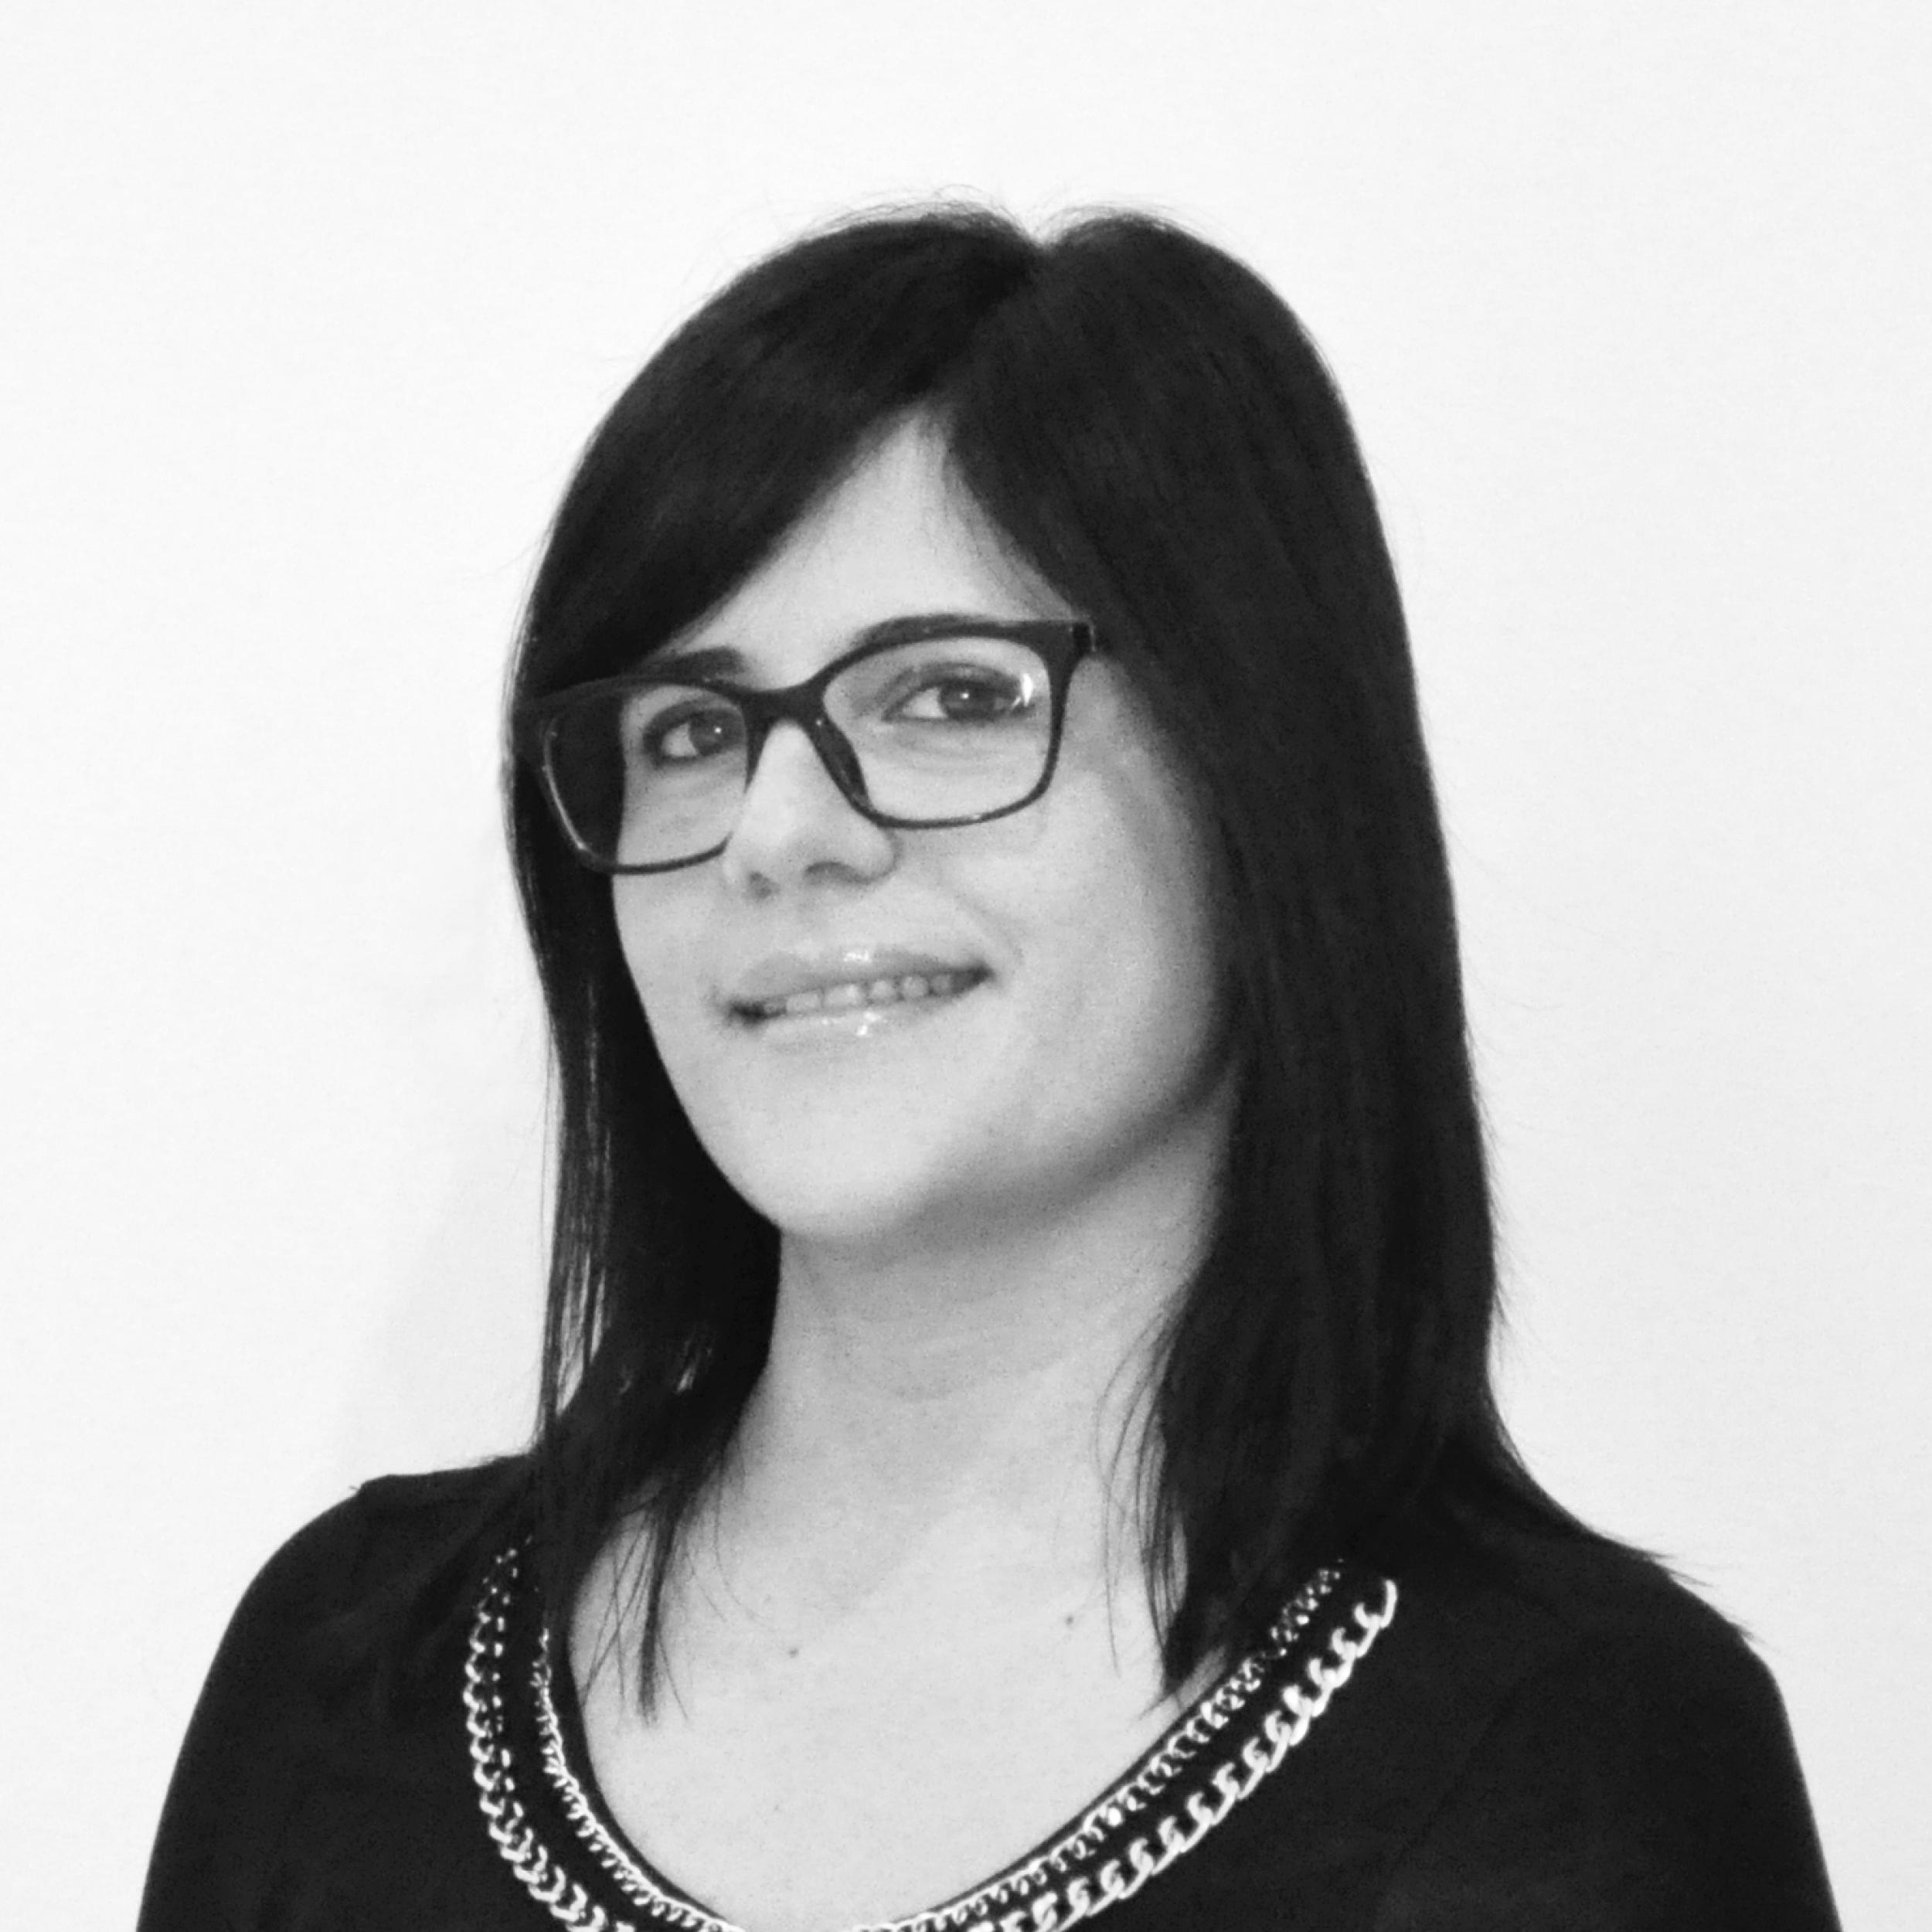 Fabiola_dibasilio